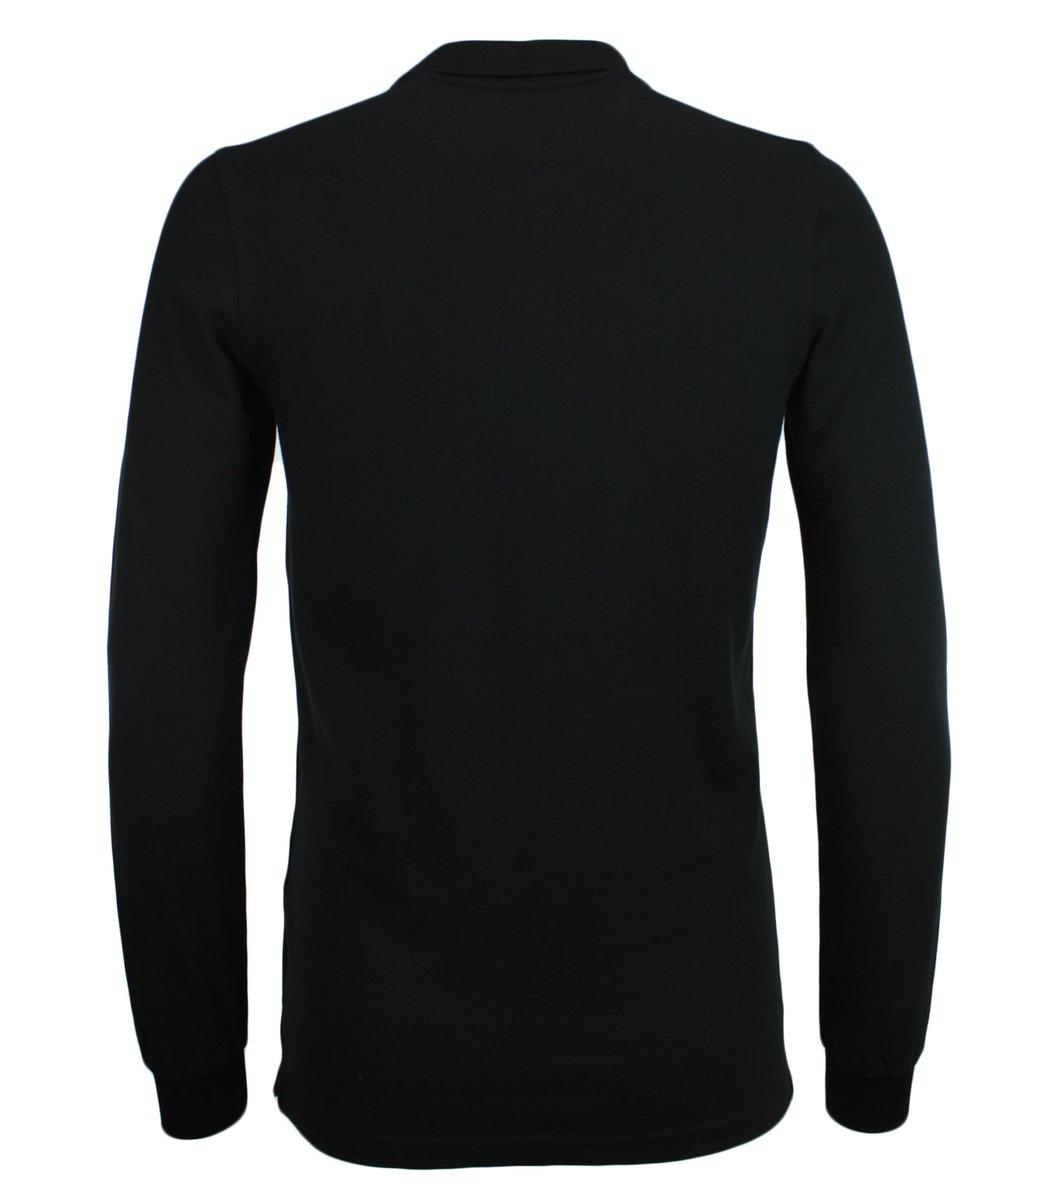 Чёрное классическое поло с длинным рукавом Gant PG1